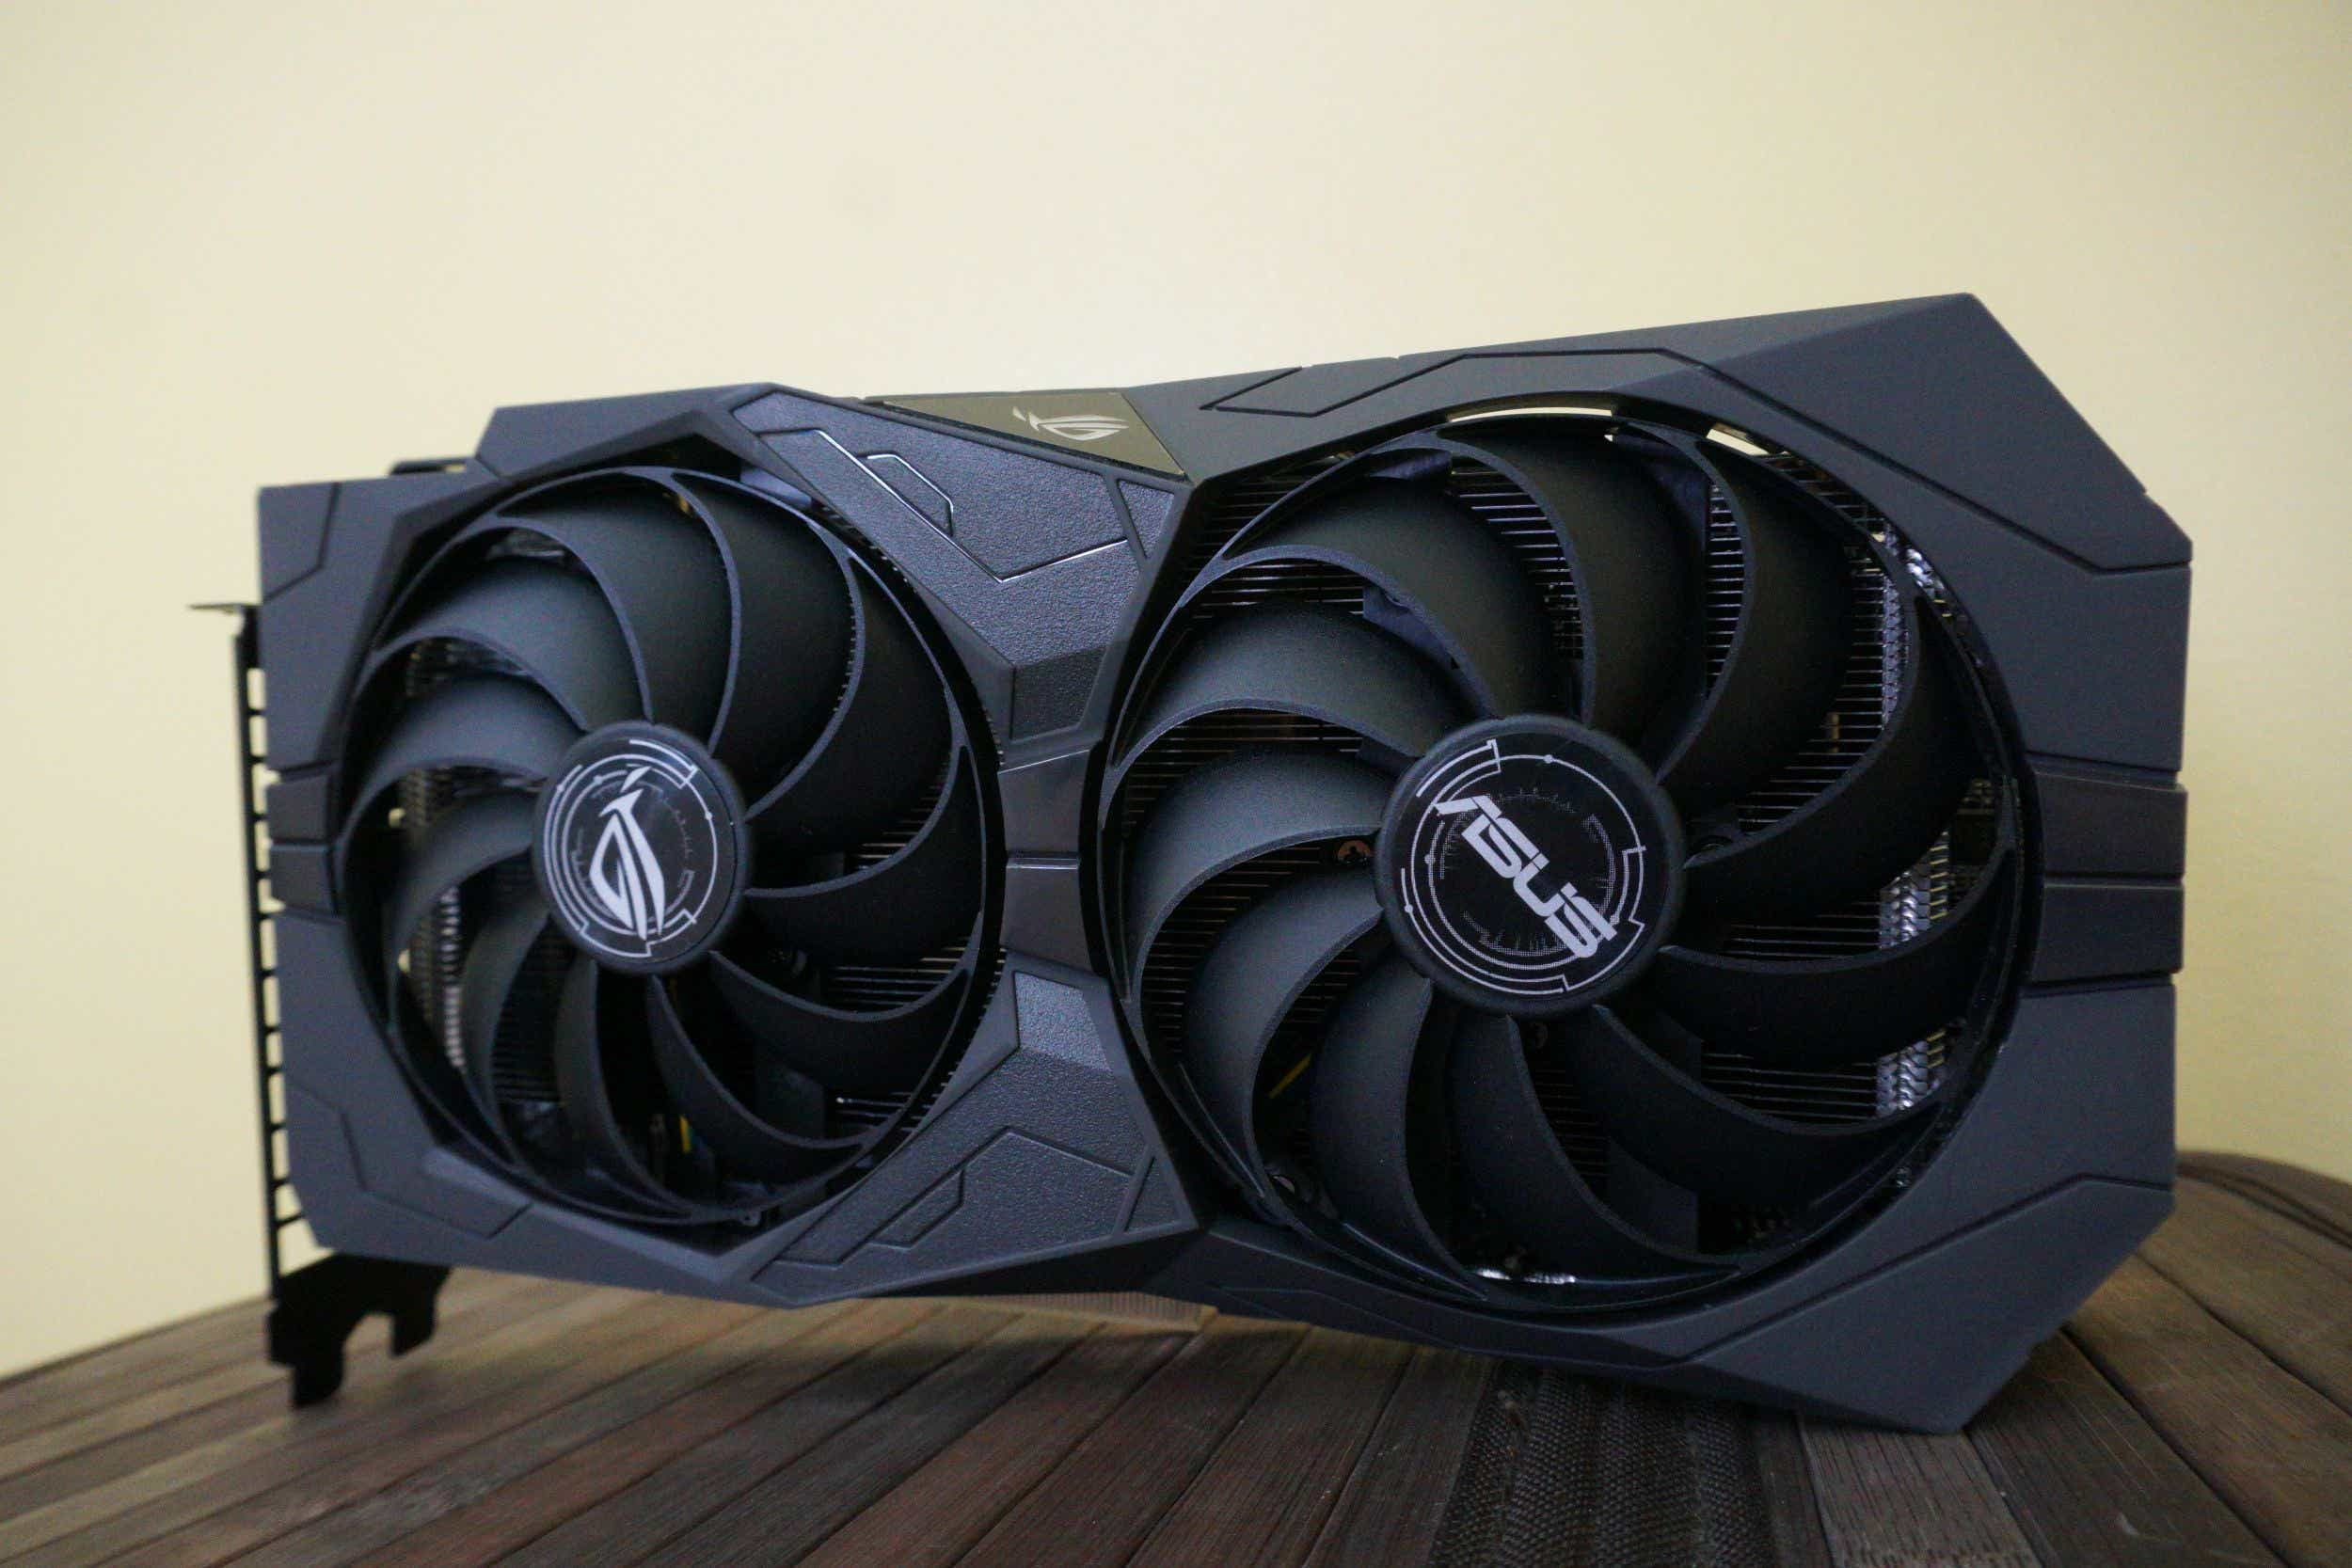 ROG Strix GeForce GTX 1650 Super